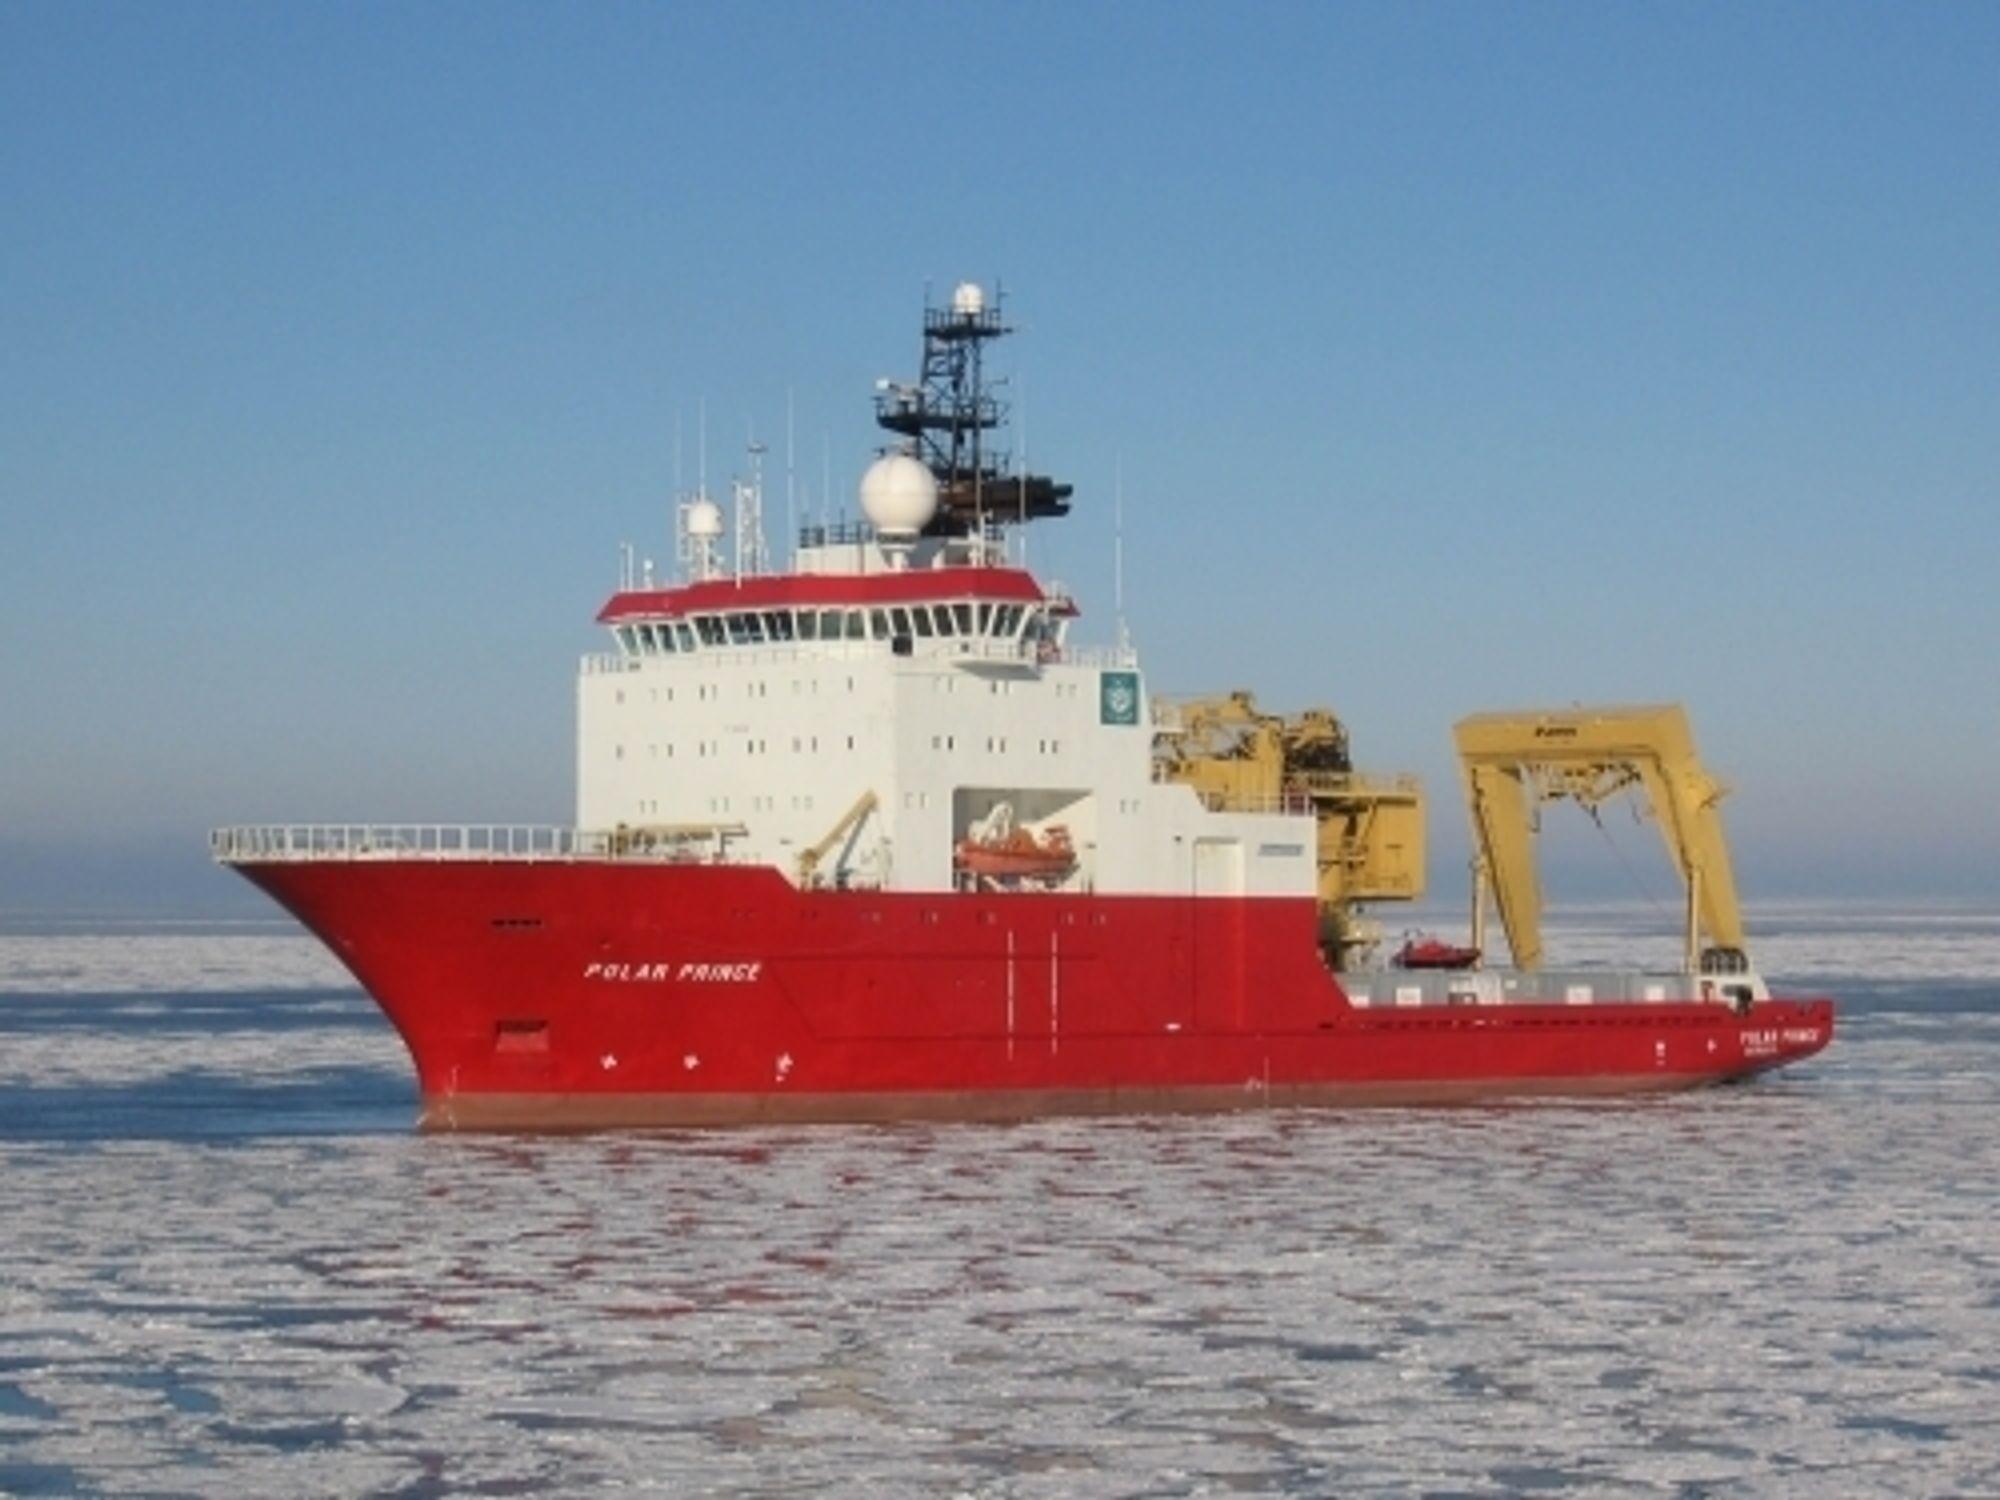 Polar Prince - Subsea Support Vessel (SSV)  Bygget 1999,  lengde: 94 m, Bredde: 80 m.  Sengeplasser: 70  Utstyrt med kraner og utstyr for operasjon av ROV og andre  undervannsoperasjoner.  Opererte ROV ned til nesten 4.000 meters dyp i 2003 under inspeksjon av det havarerte tankskipet Prestige.